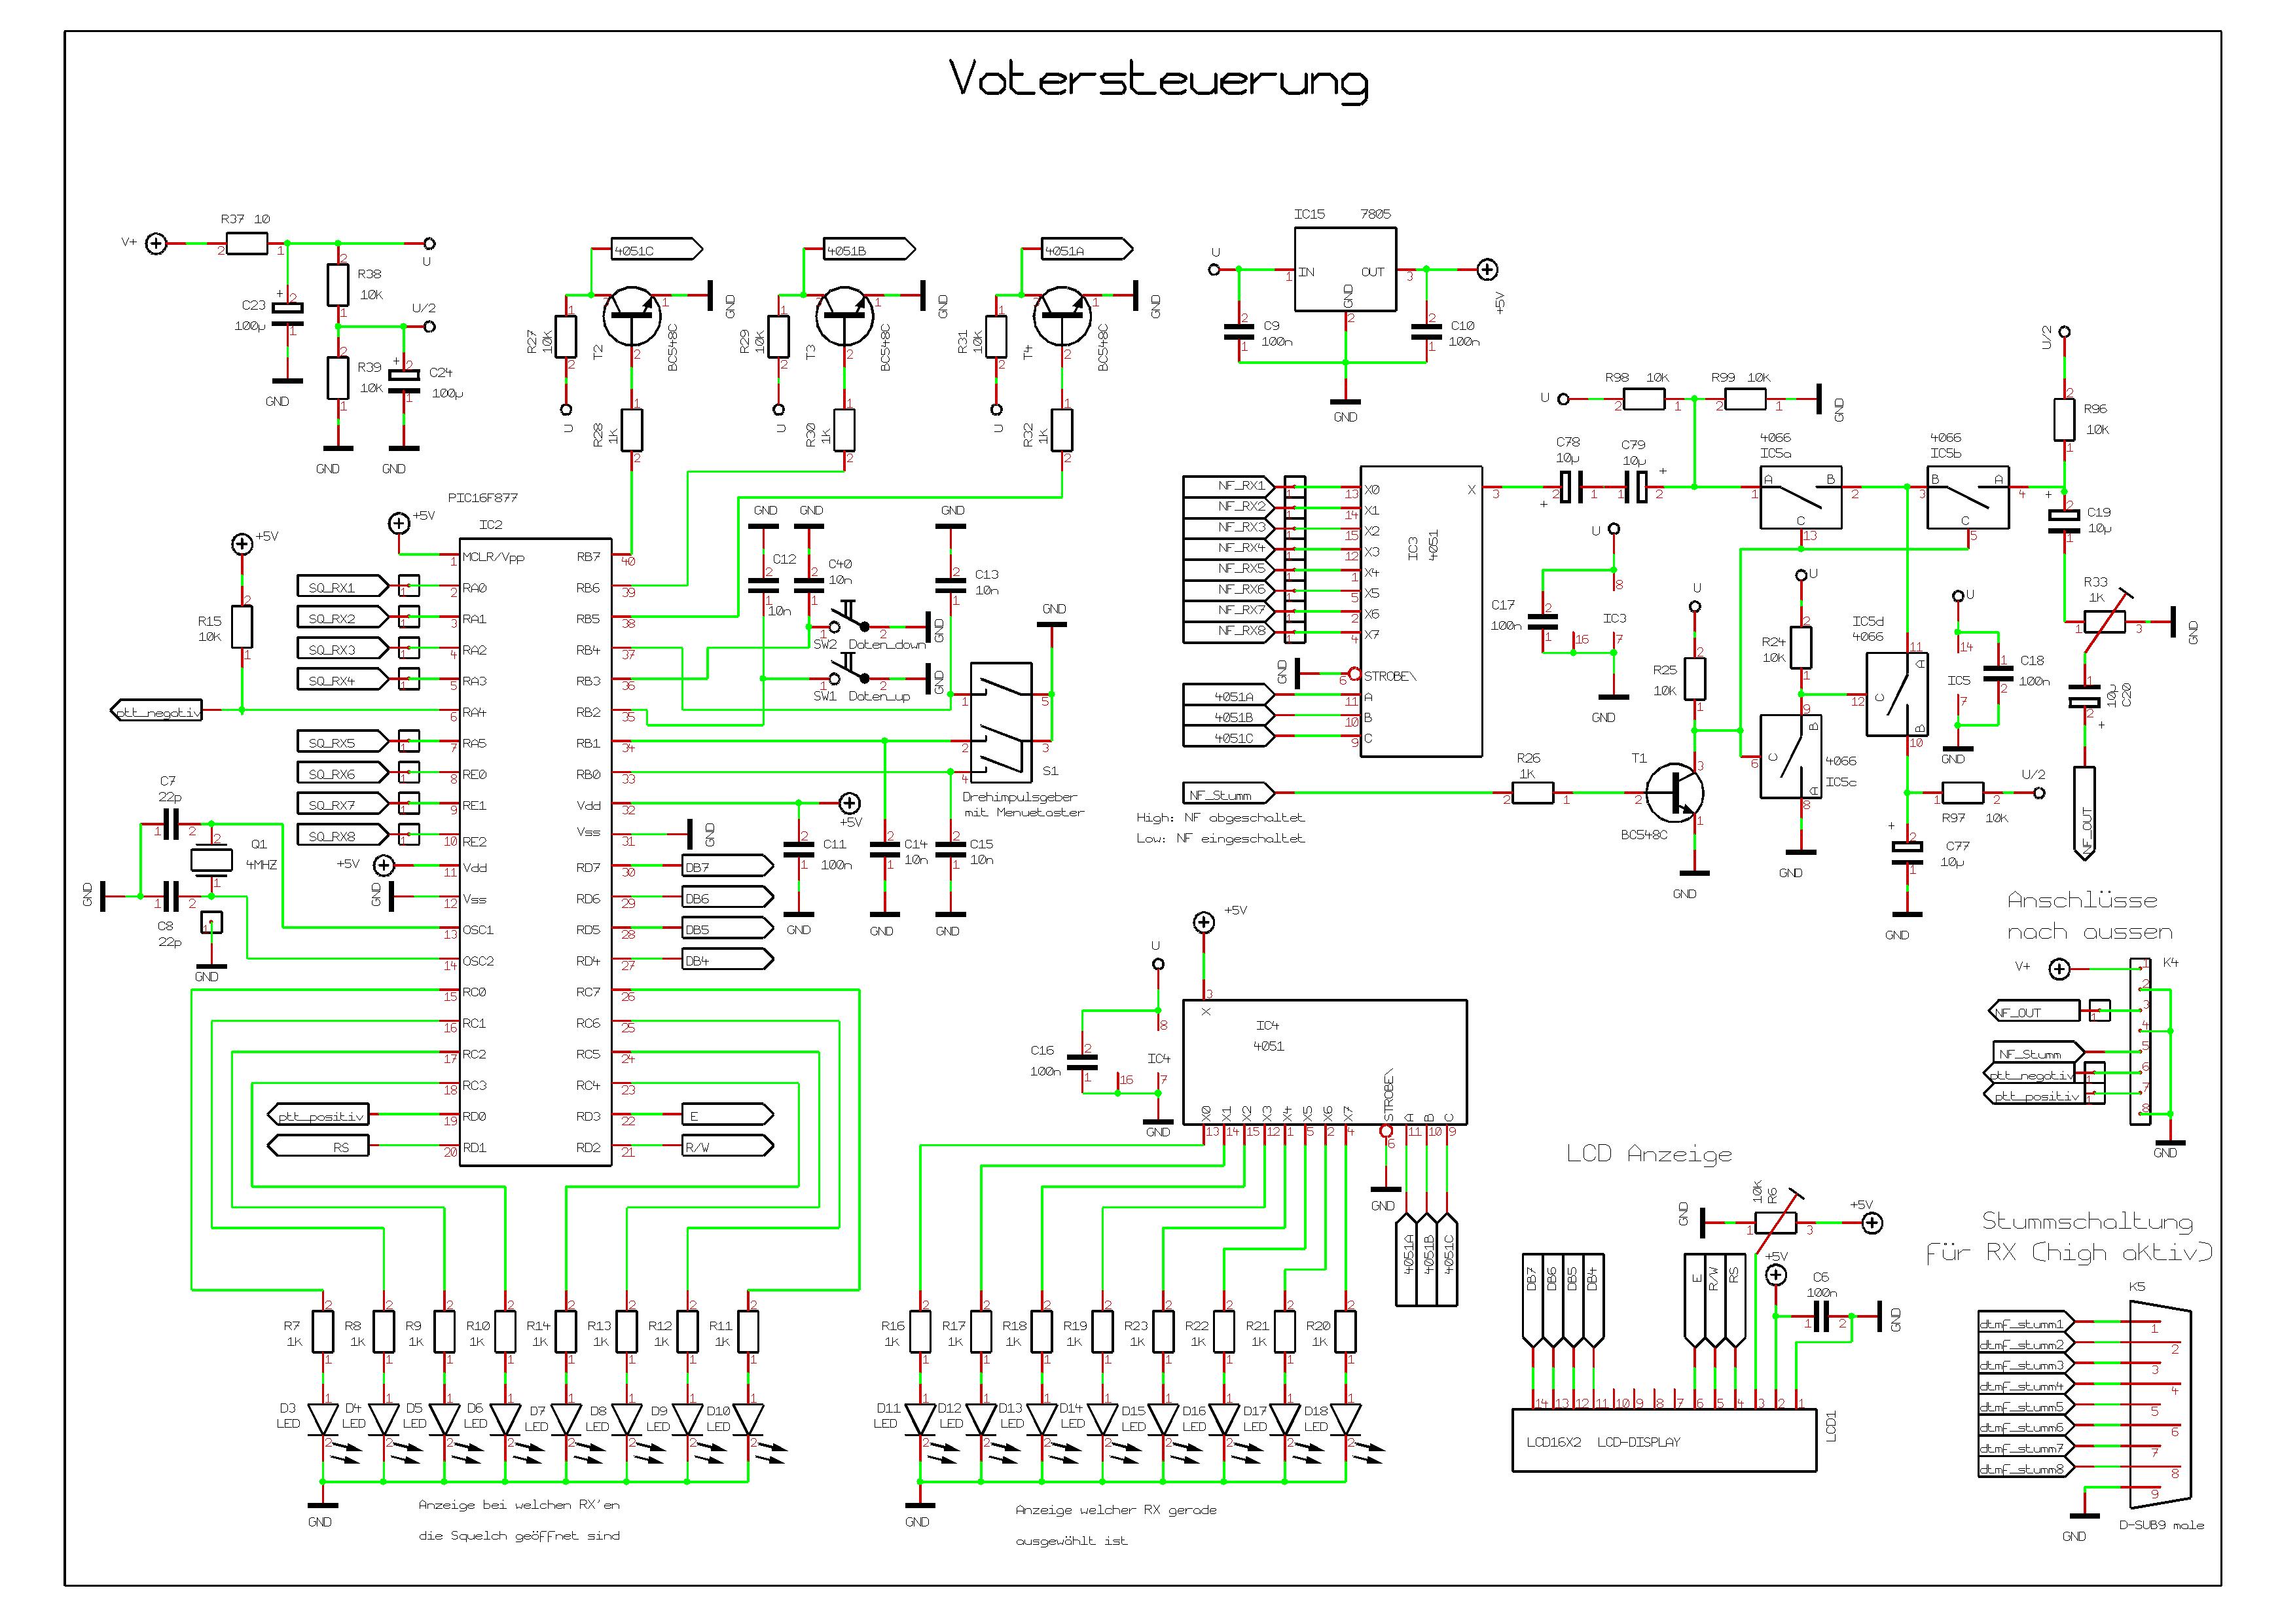 Ziemlich C12 Schaltplan Zeitgenössisch - Die Besten Elektrischen ...